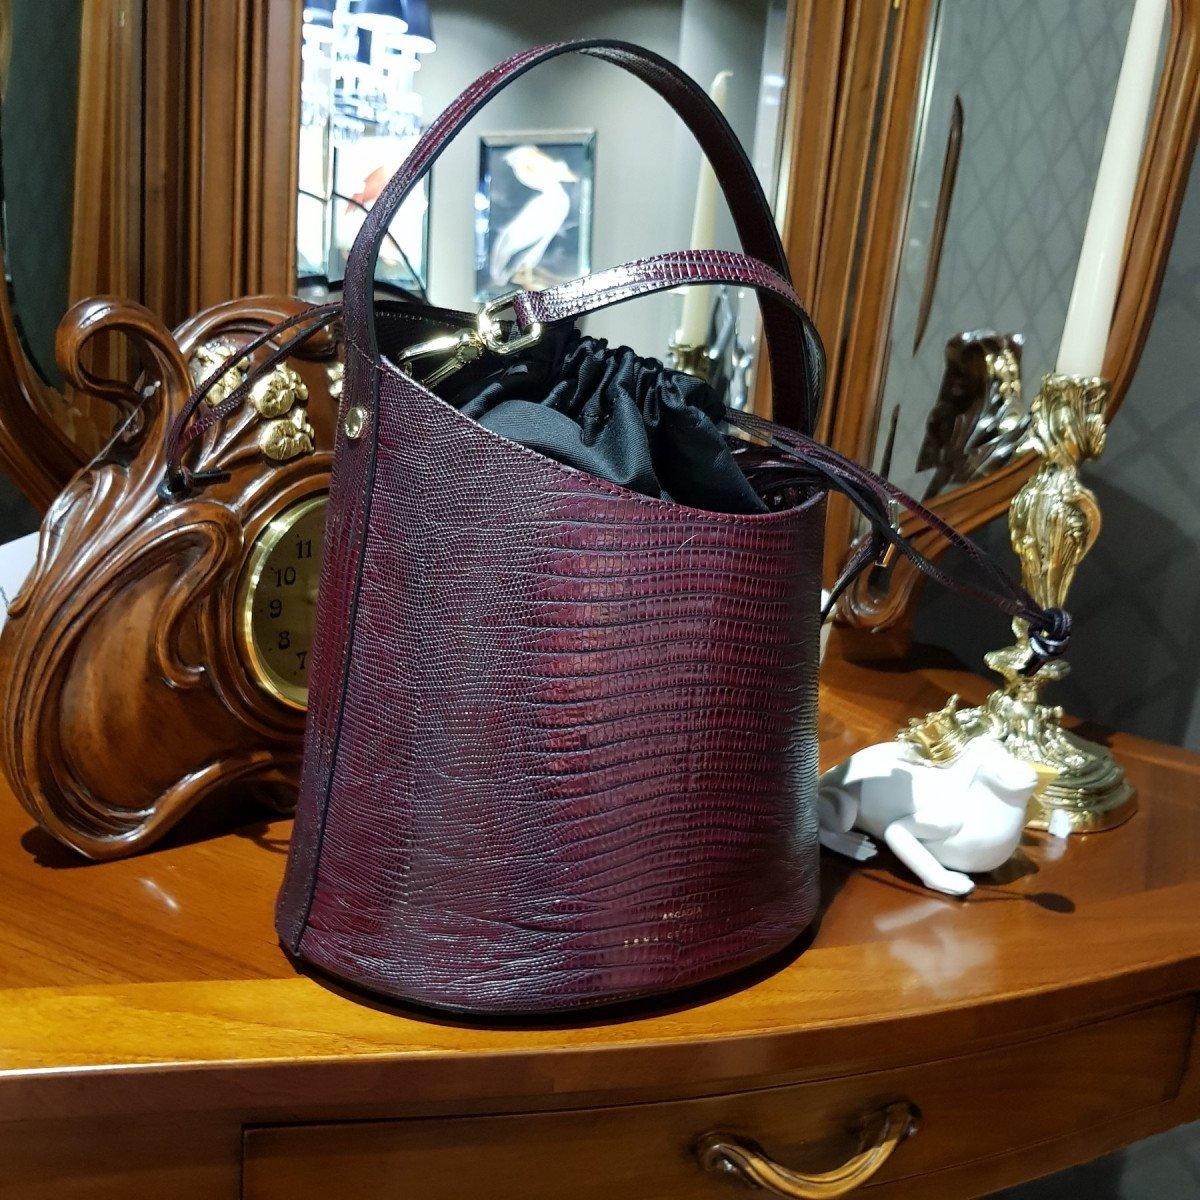 Итальянская женская сумка Arcadia 4773 tex rubino из натуральной кожи